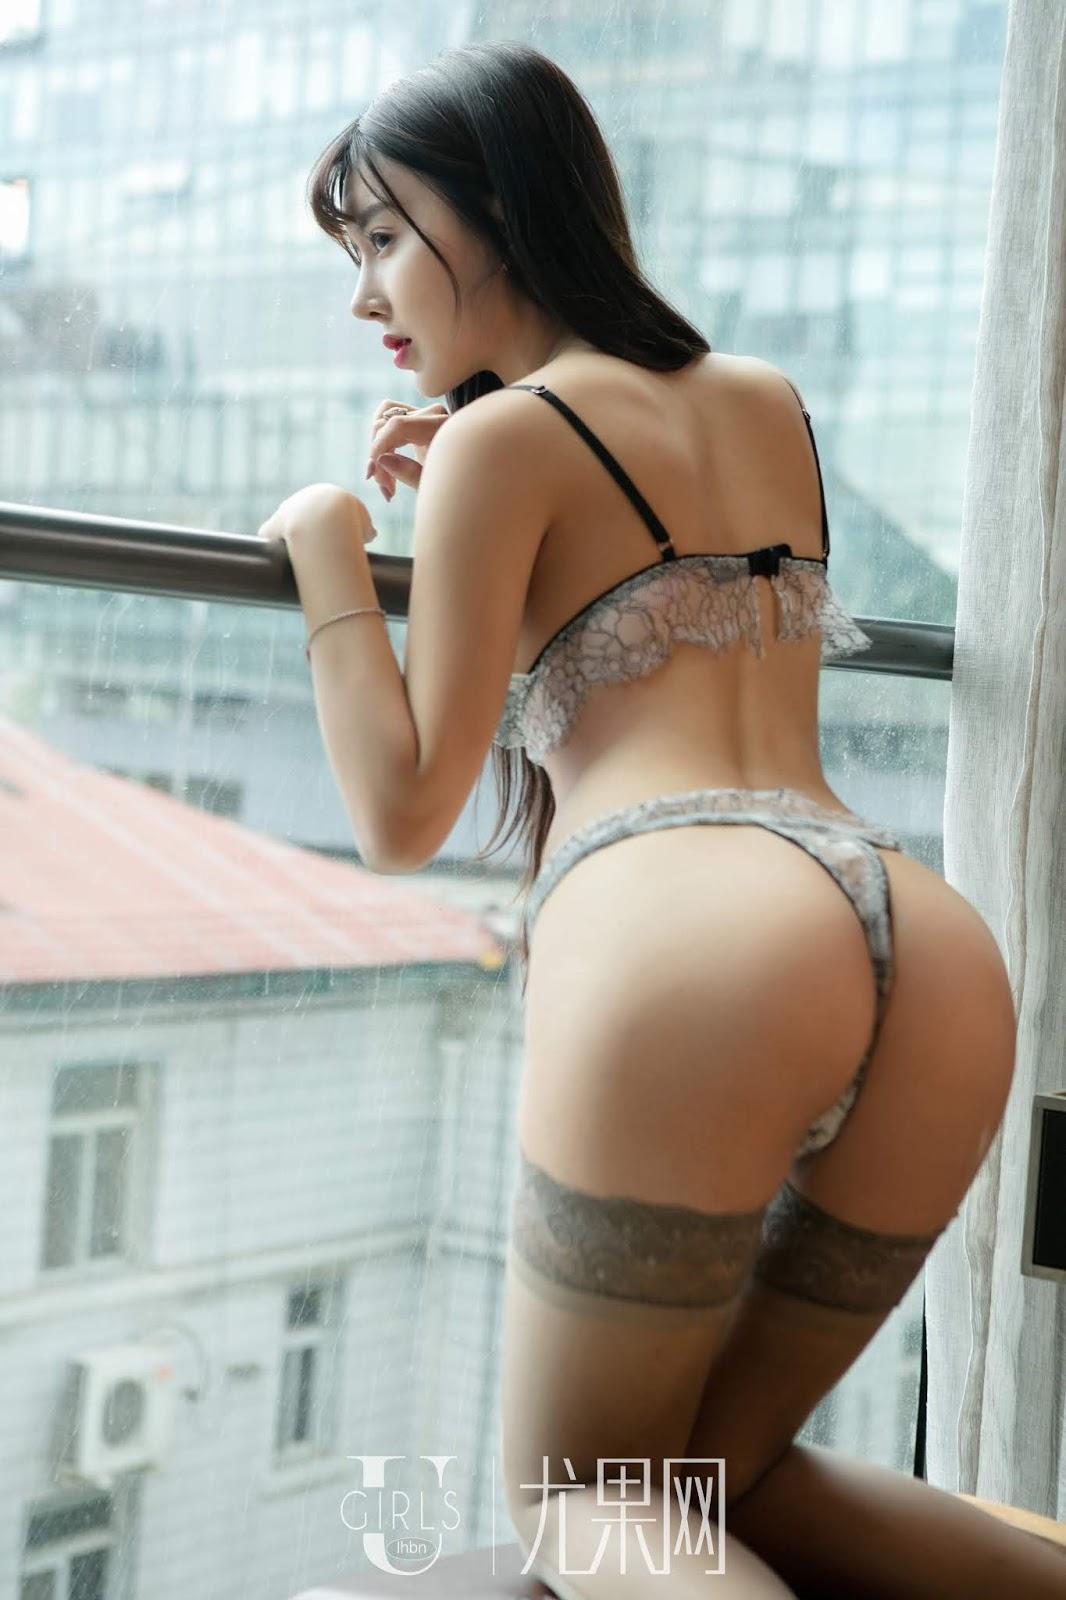 Ngọc Duyên Sara – Ngắm cô vợ xinh đẹp như hoa hậu của Dương Khắc Linh (20)